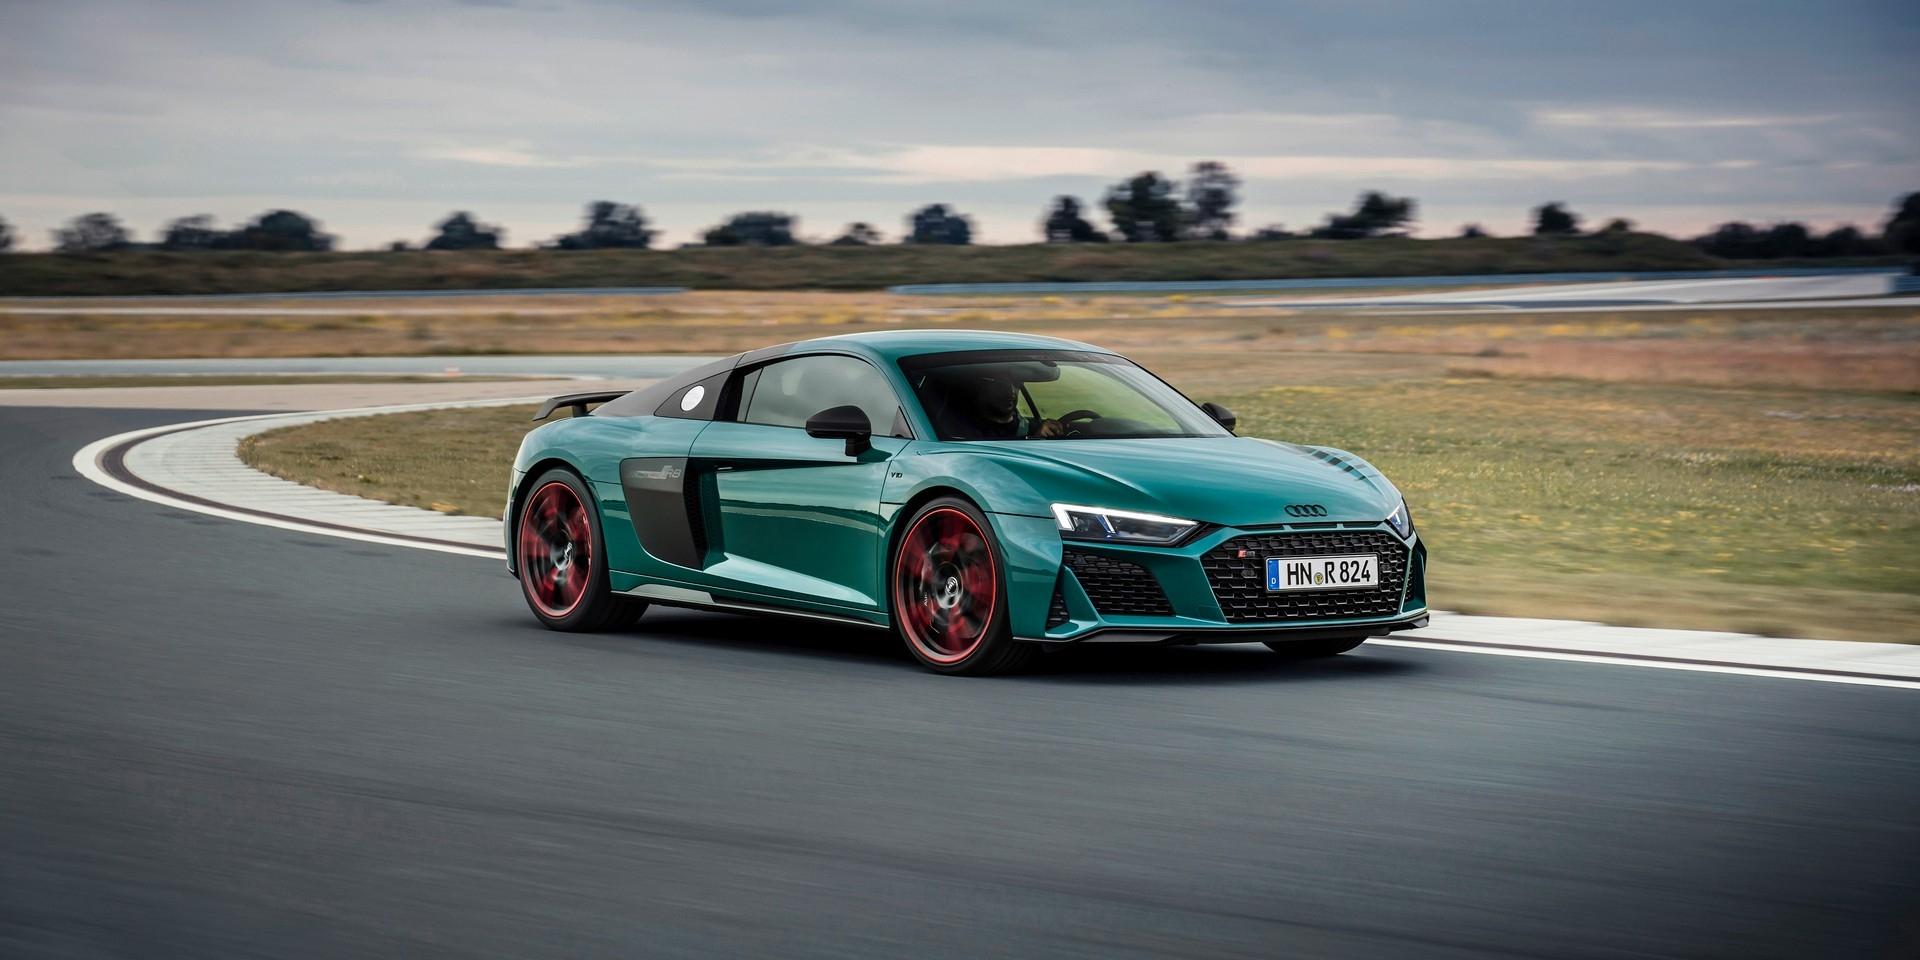 限量綠色地獄特仕車 Audi R8 Green Hell Edition售價約800萬台幣